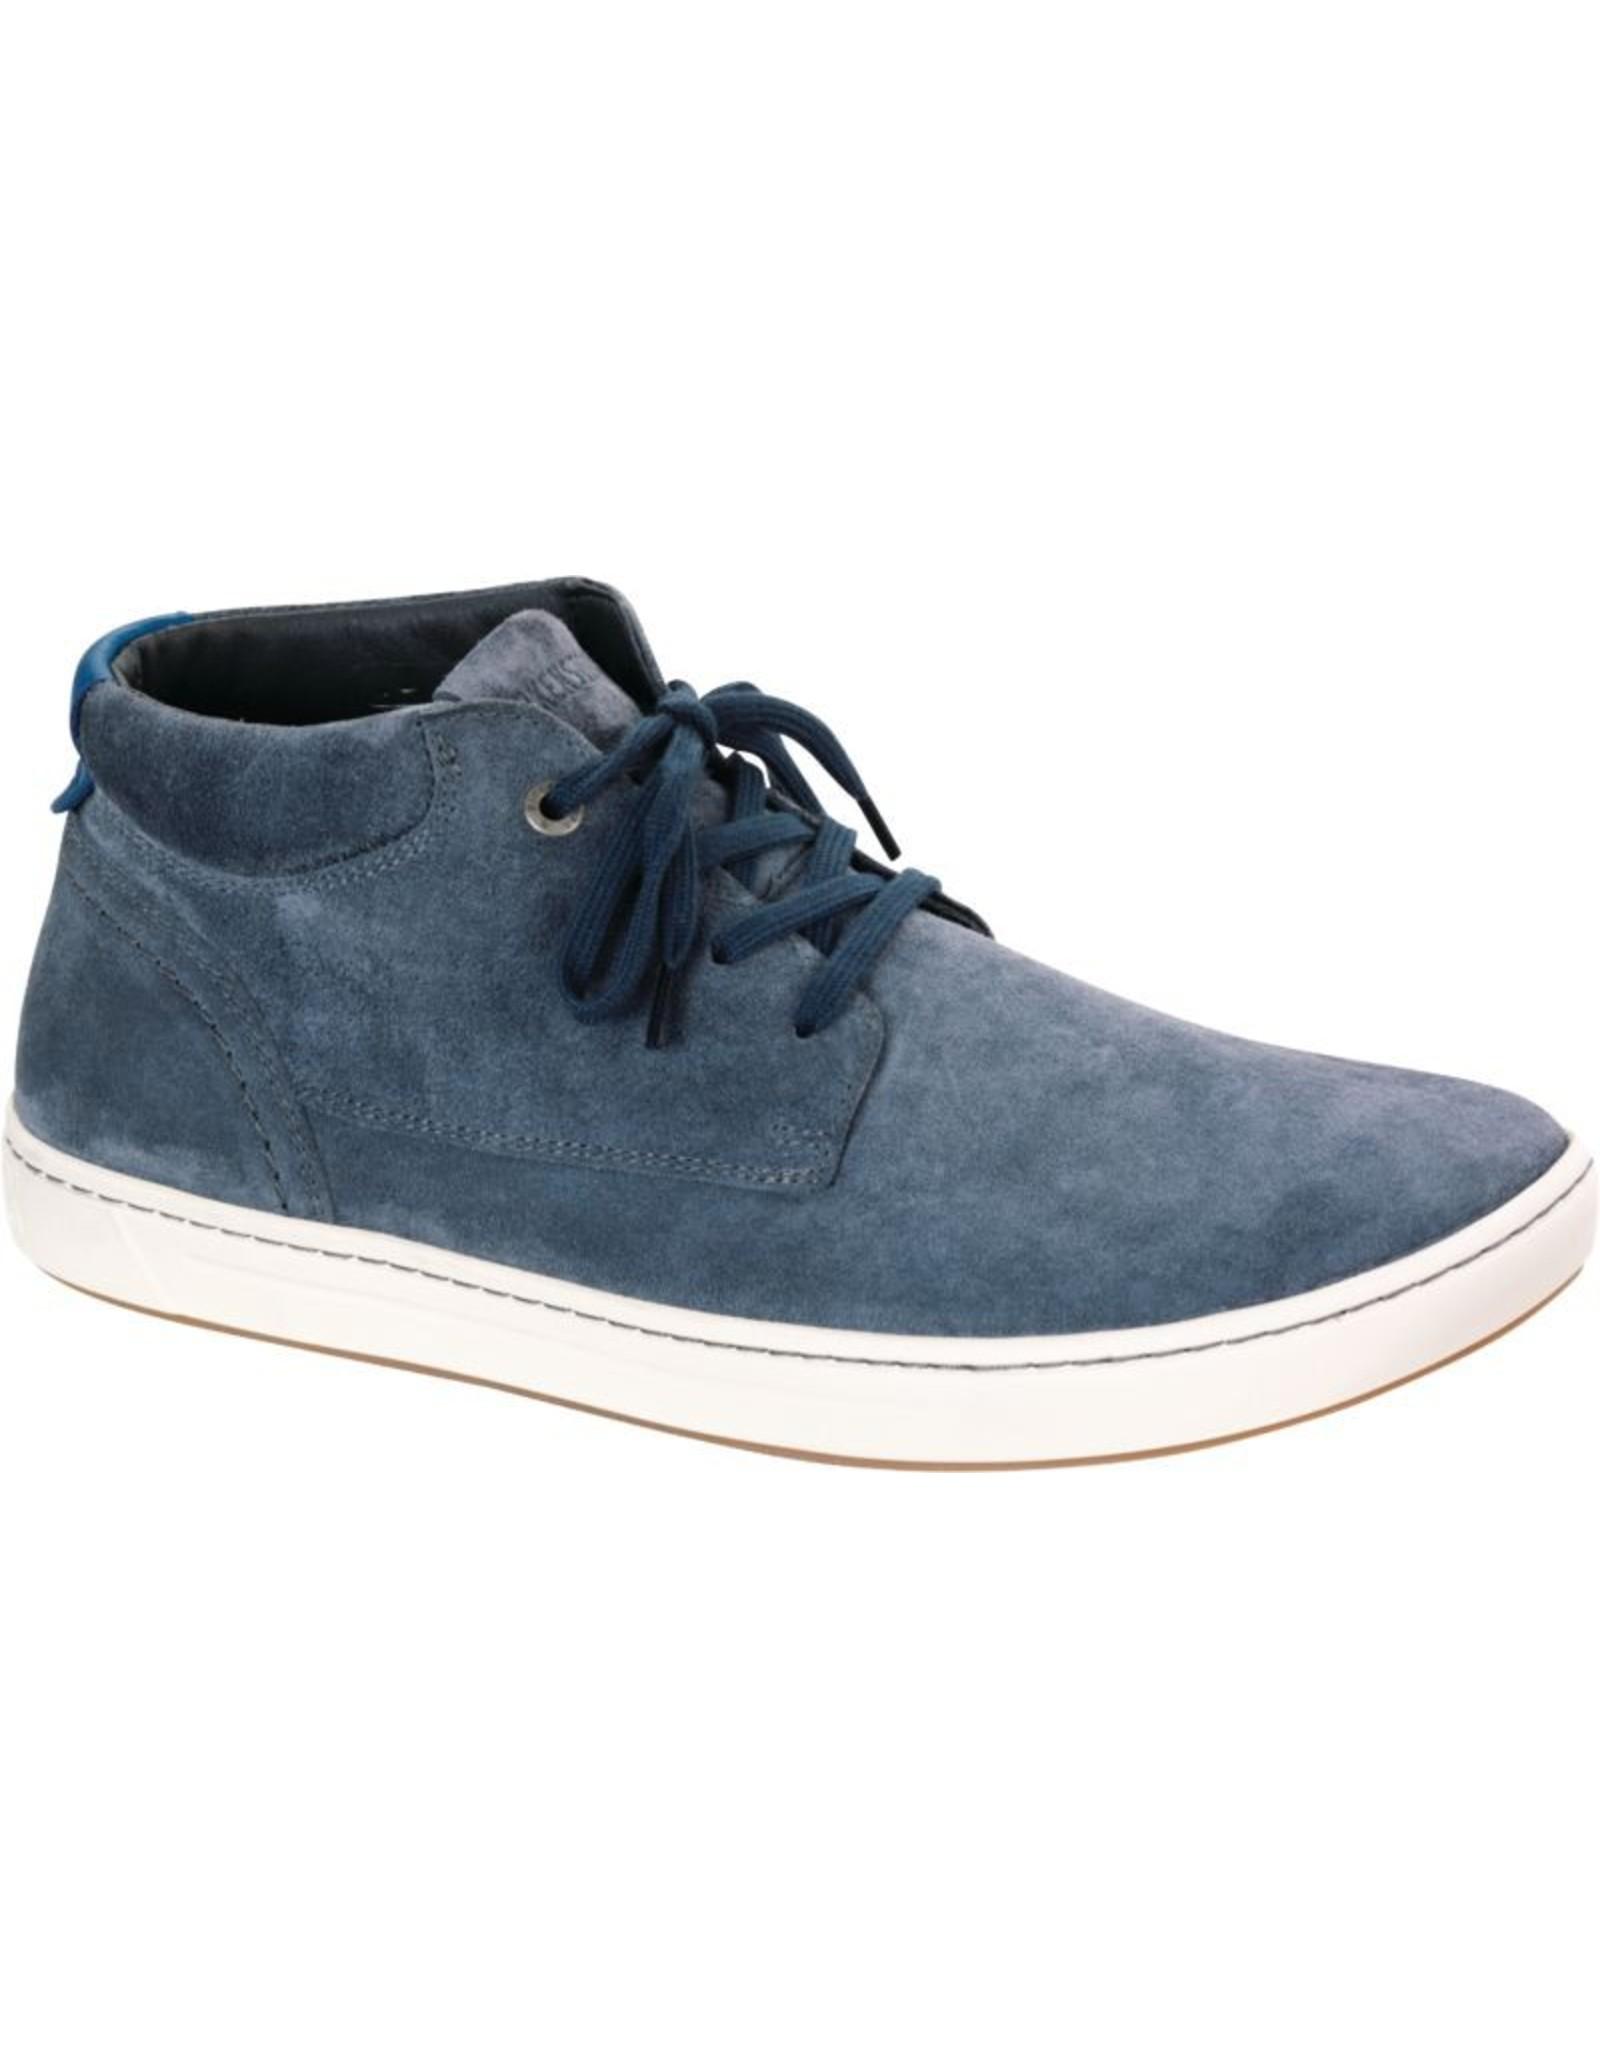 Birkenstock Bandon Suede Shoe